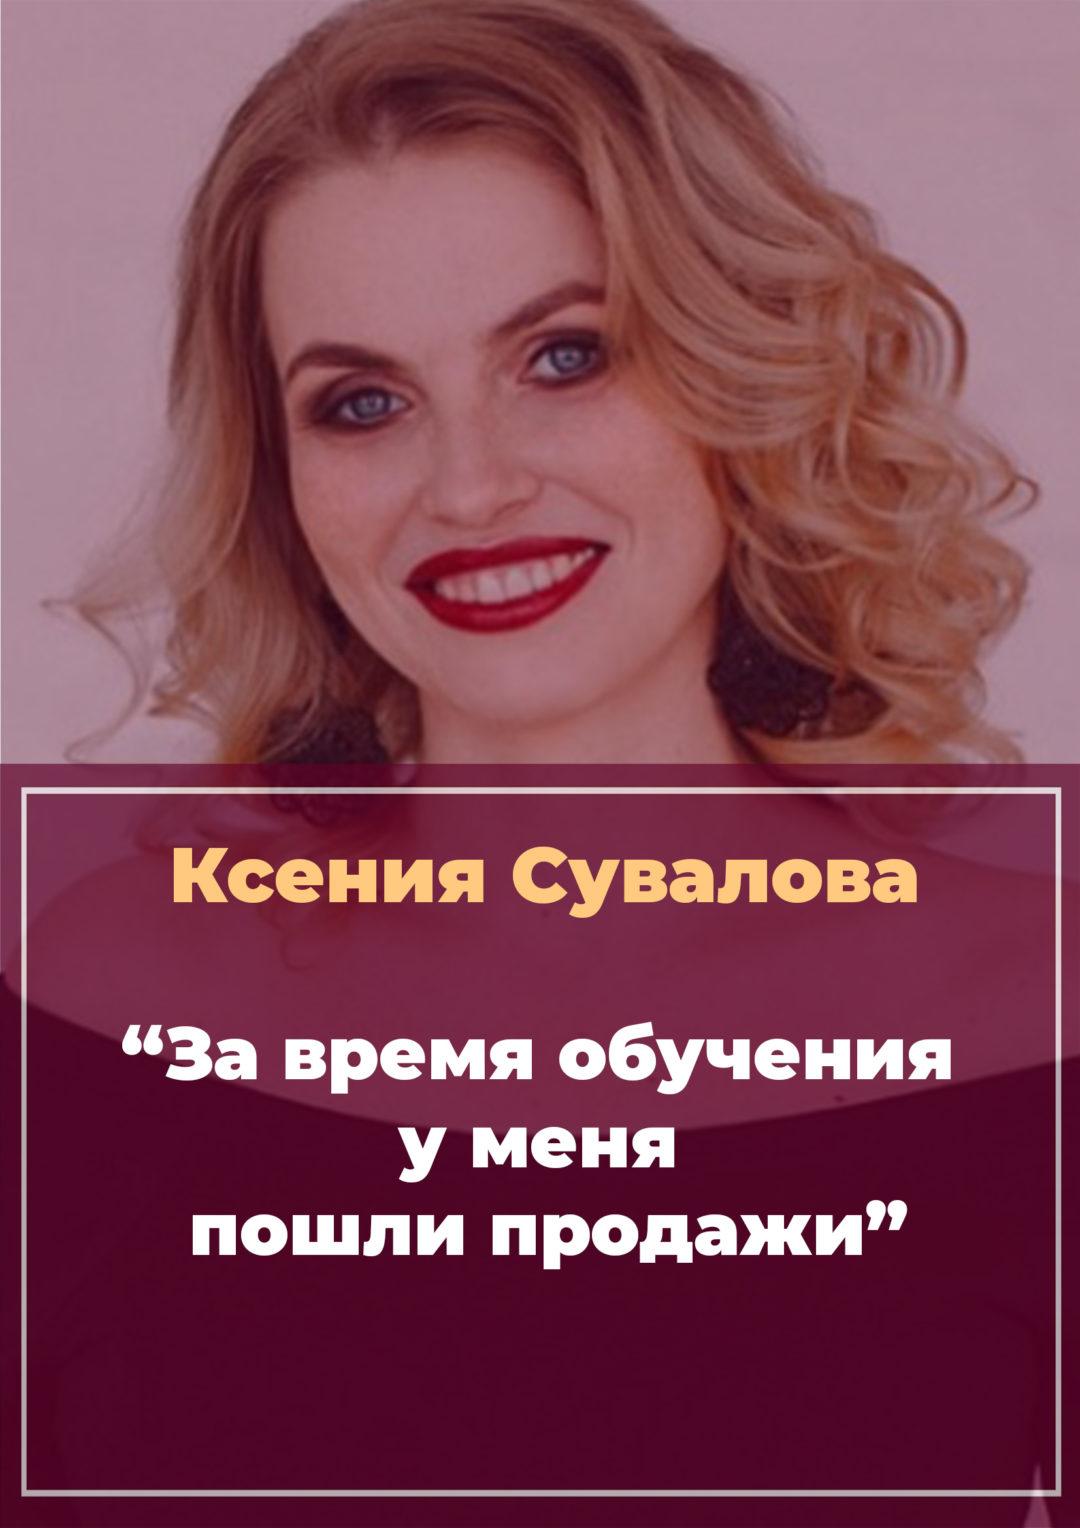 История Ксении Суваловой